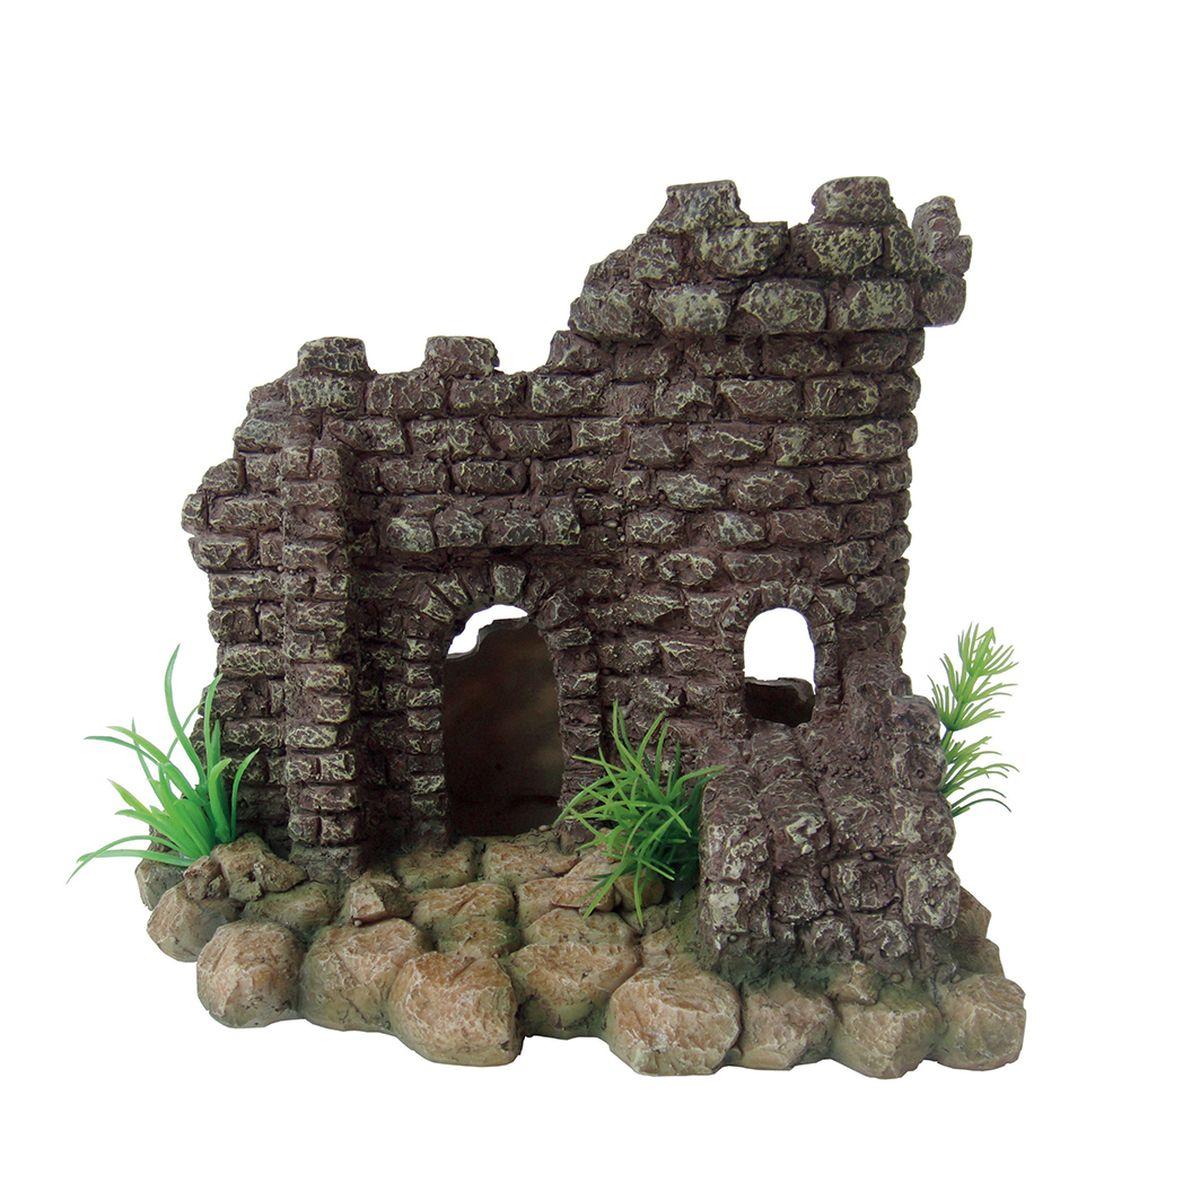 Декорация для аквариума ArtUniq Руины крепости, 20 x 17 x 17,5 смART-2250760Декорация для аквариума ArtUniq Руины крепости, 20 x 17 x 17,5 см